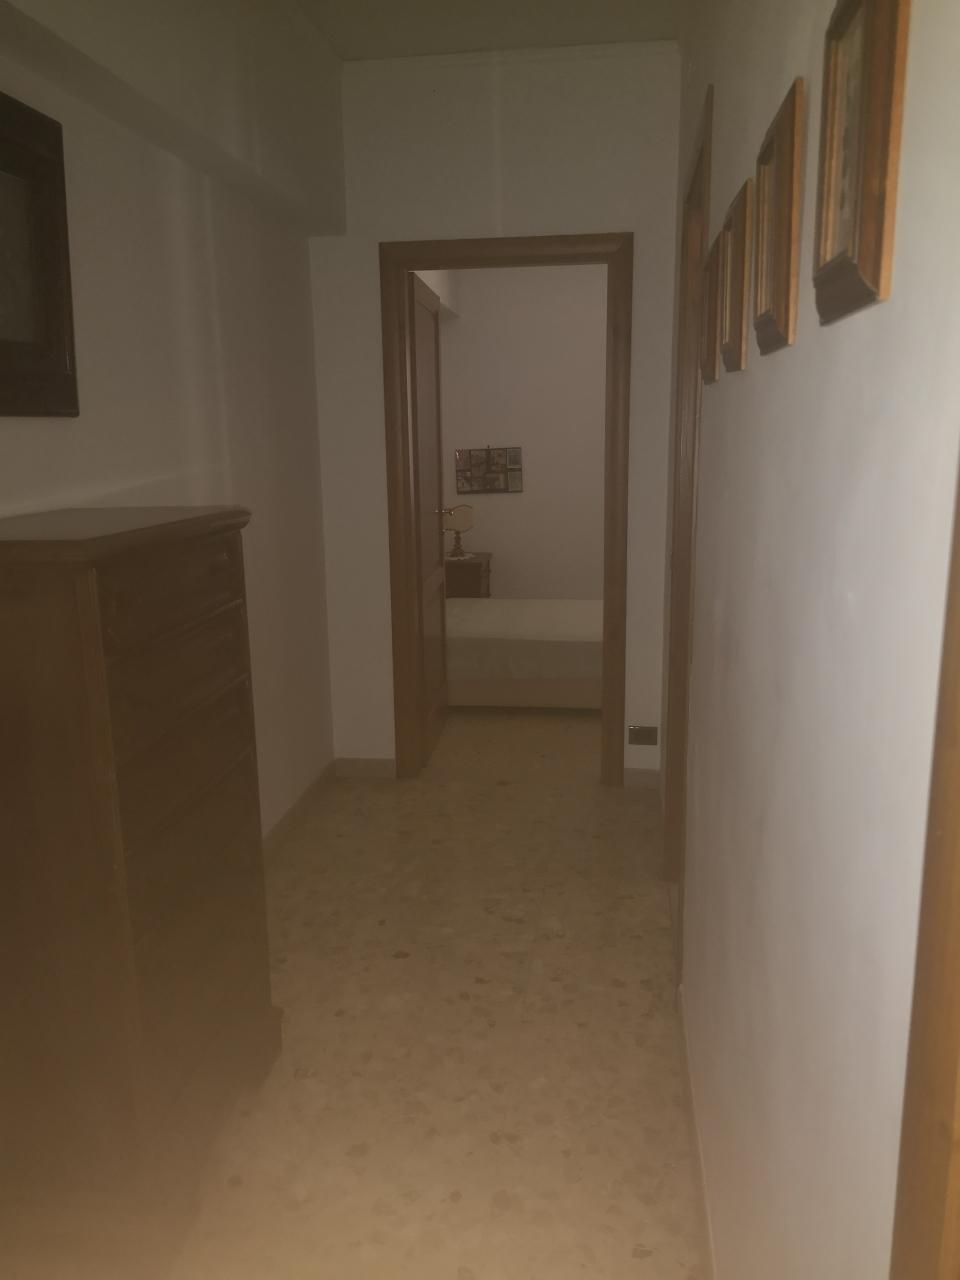 Appartamento in vendita, rif. 2908